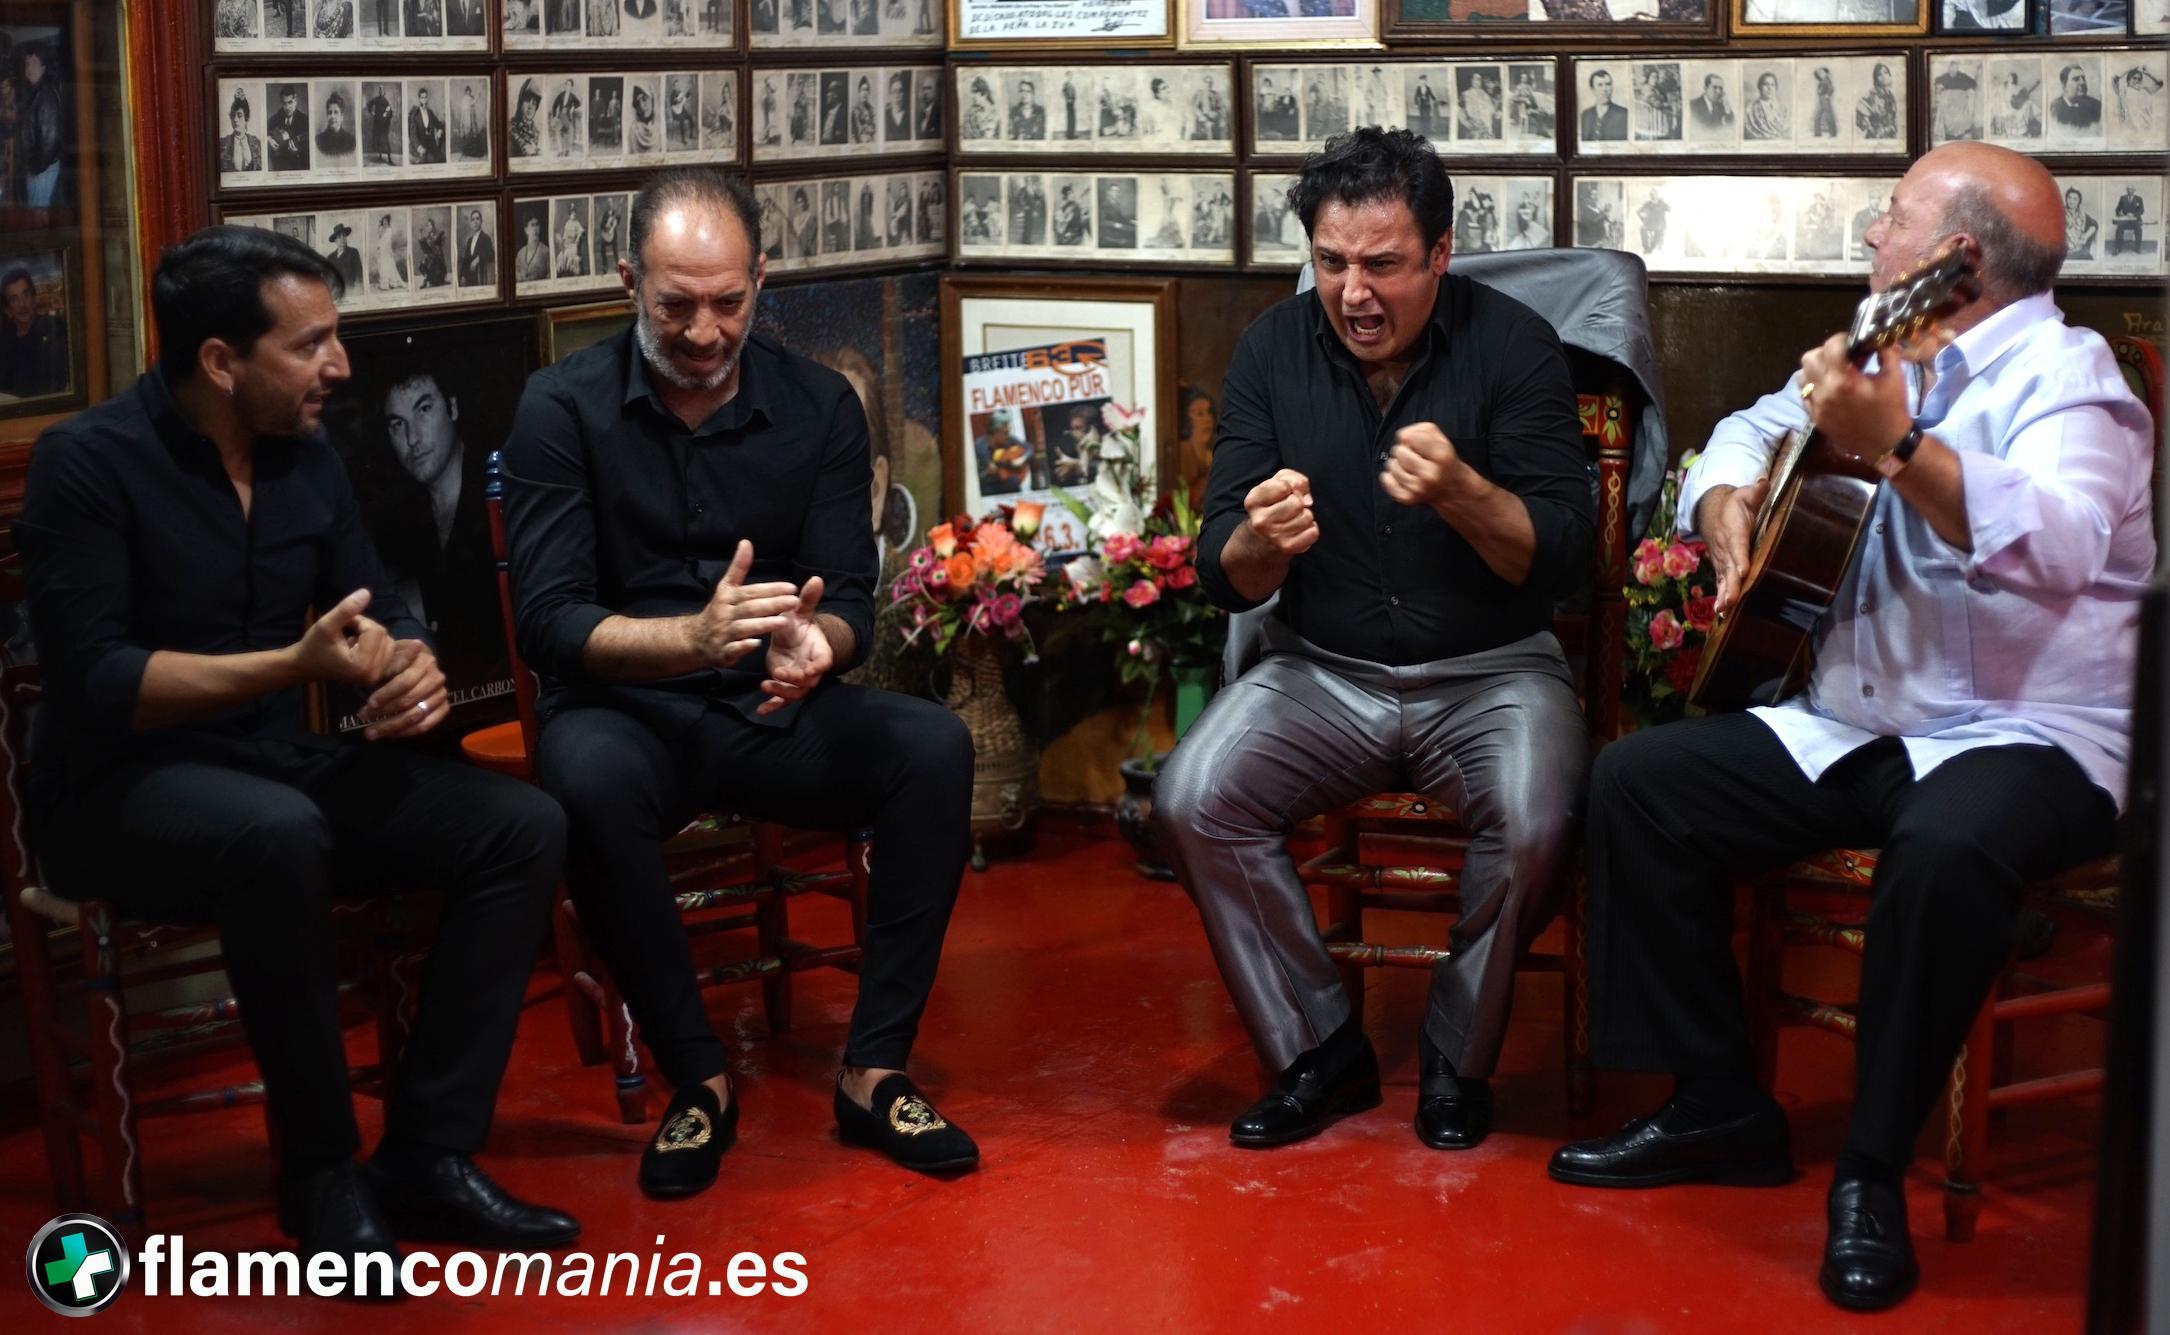 Así se va a celebrar el Día del Flamenco de la Provincia de Cádiz